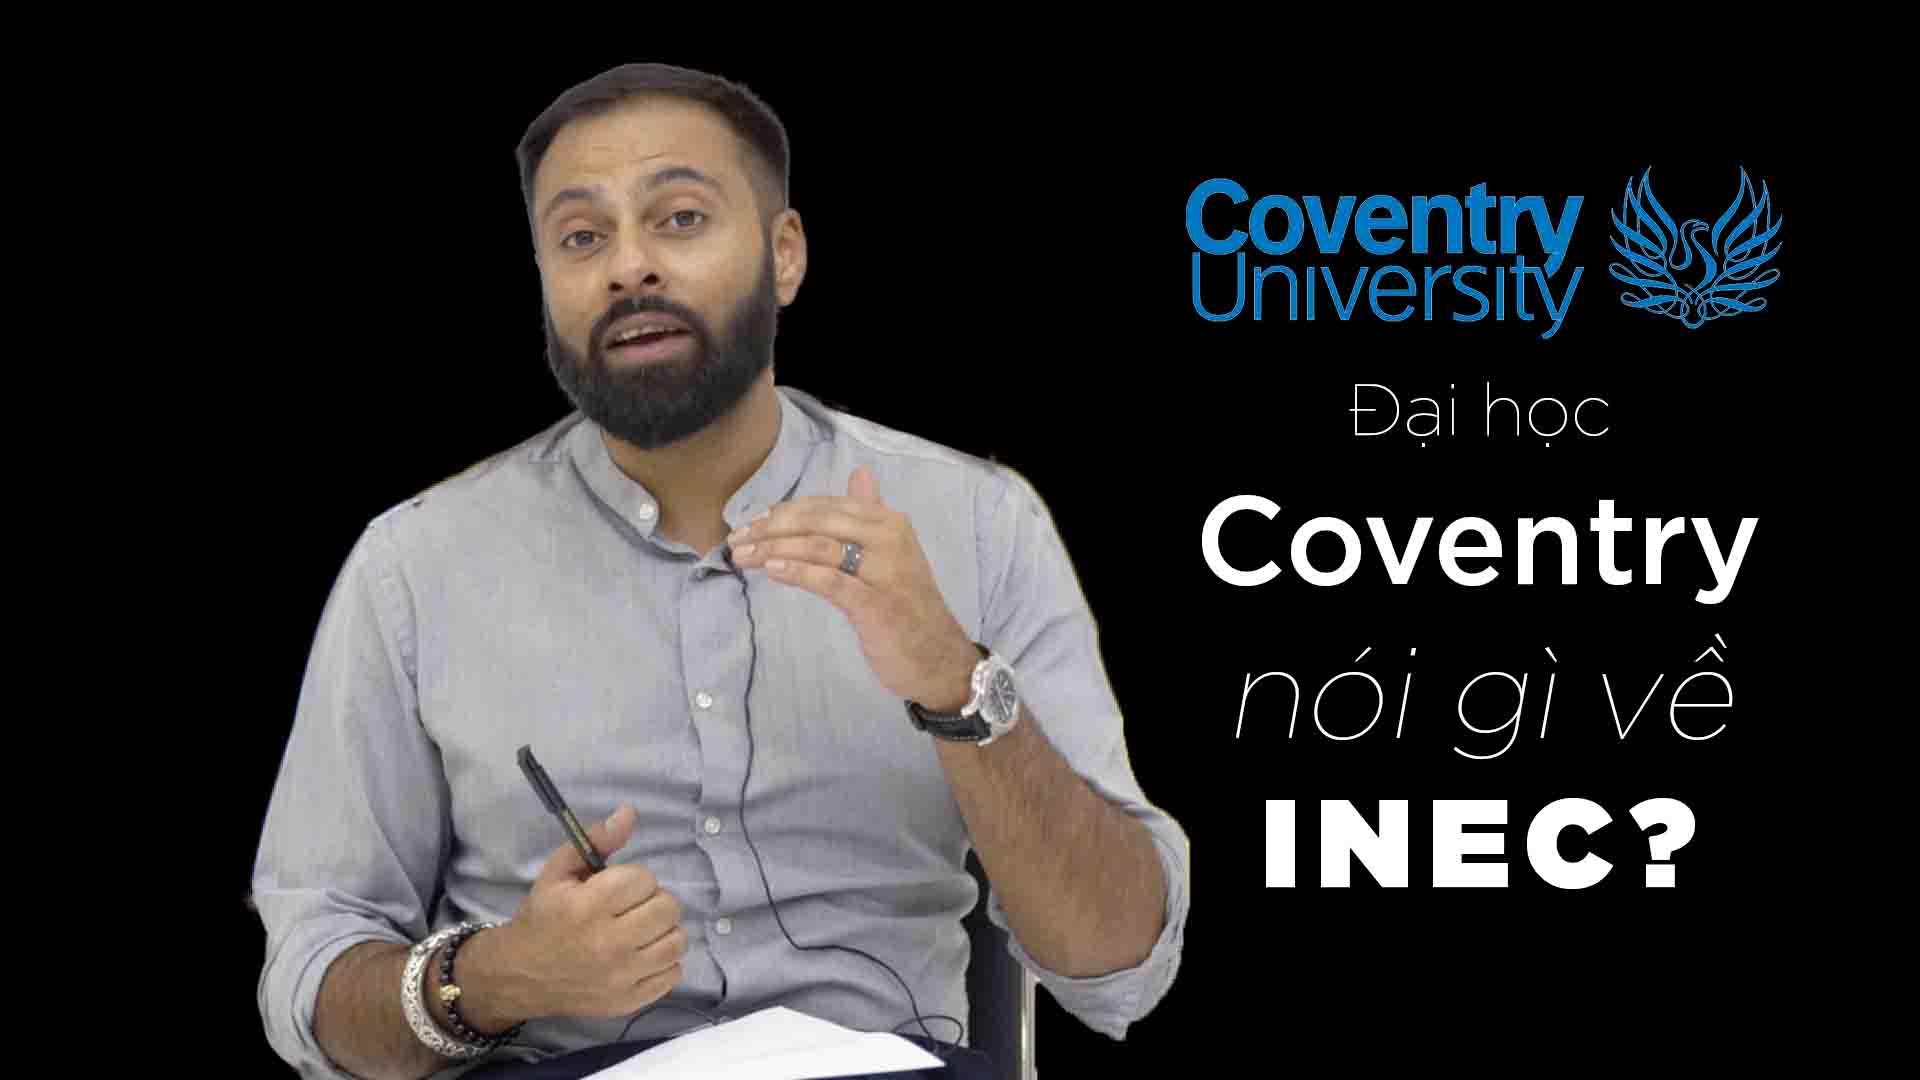 Mr. David Kukadia là Quản lý kinh doanh quốc tế Đại học Coventry – đối tác chiến lược của Học viện PSB Singapore. Đại học Coventry đứng thứ 13 trong bảng xếp hạng UK Guardian, là tên tuổi nổi bật không chỉ tại nước Anh mà còn trên toàn thế giới. Mối quan hệ khăng khít giữa Coventry và PSB được hình thành tự nhiên trên cơ sở uy tín của cả 2 trường. Ưu điểm mà bạn nhận được khi theo học chương trình liên kết của Đại học Coventry tại PSB là chất lượng giáo dục, đội ngũ giảng viên, hệ thống cơ sở vật chất… kết hợp những điểm mạnh của cả 2 ngôi trường này.